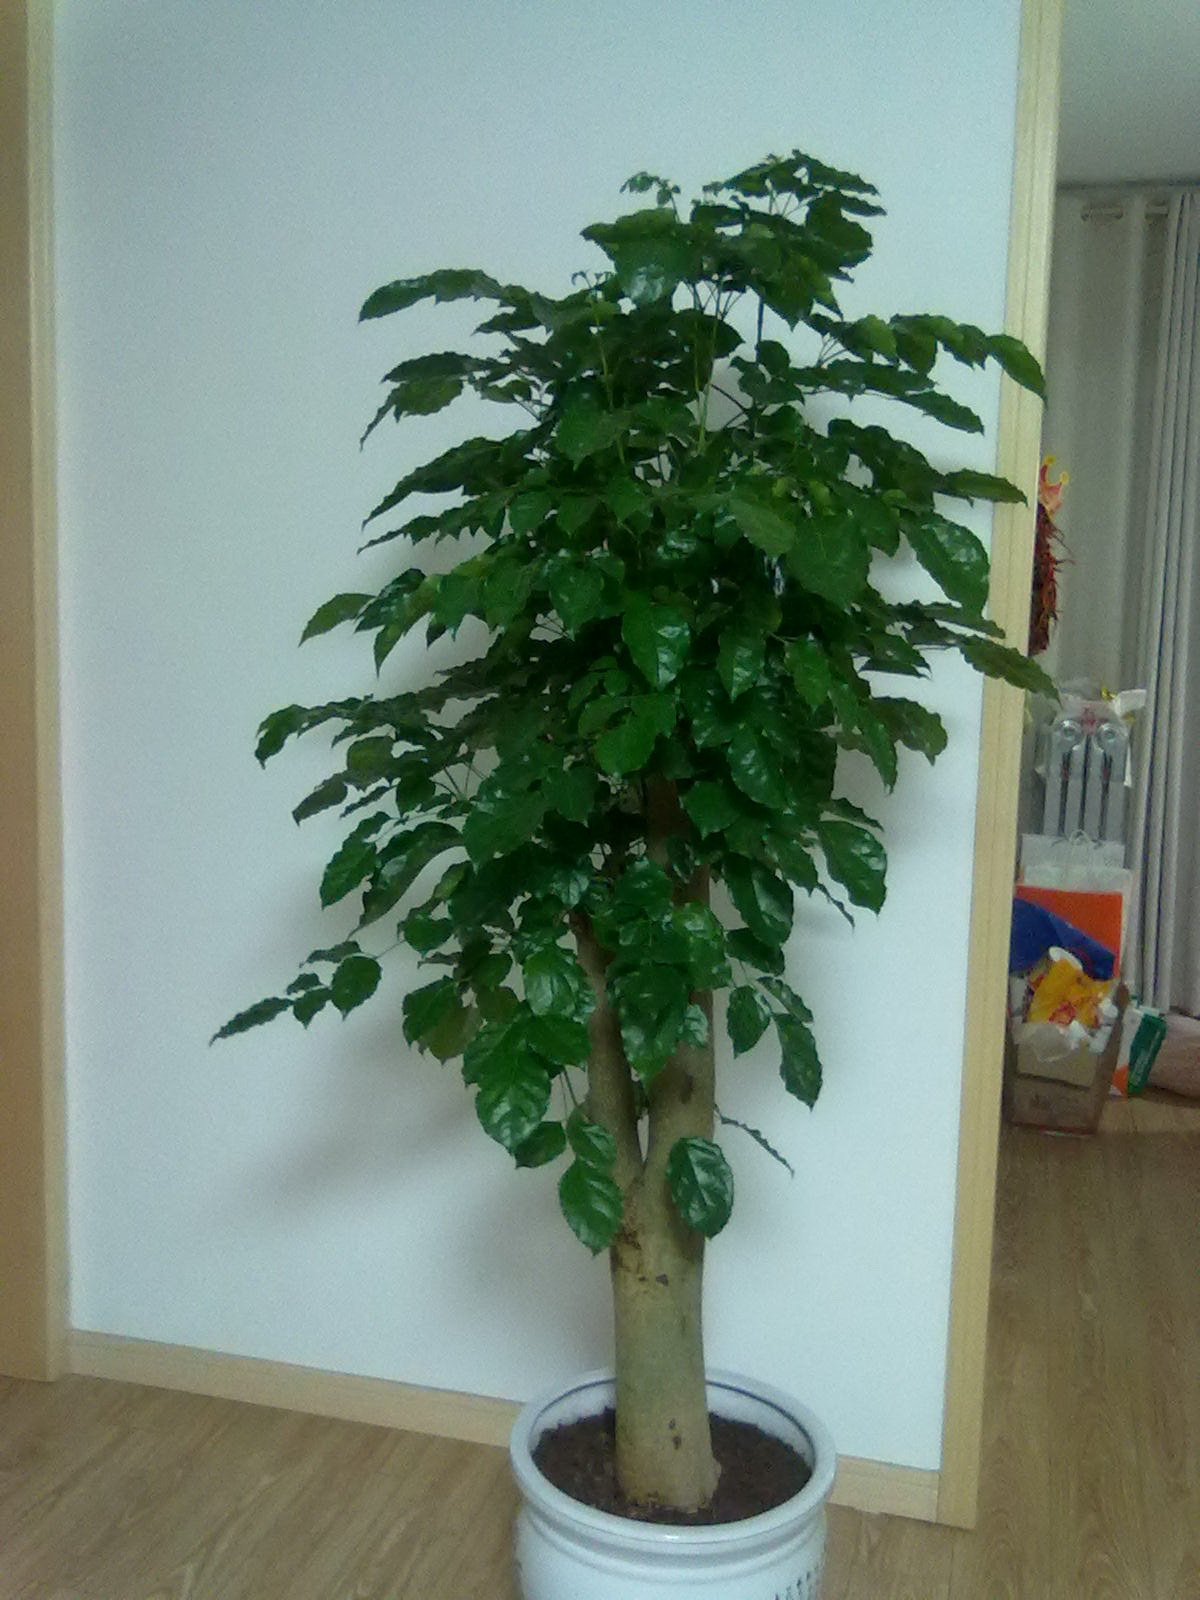 请问一种盆栽植物的名称:该植物叶子细长,扁平.